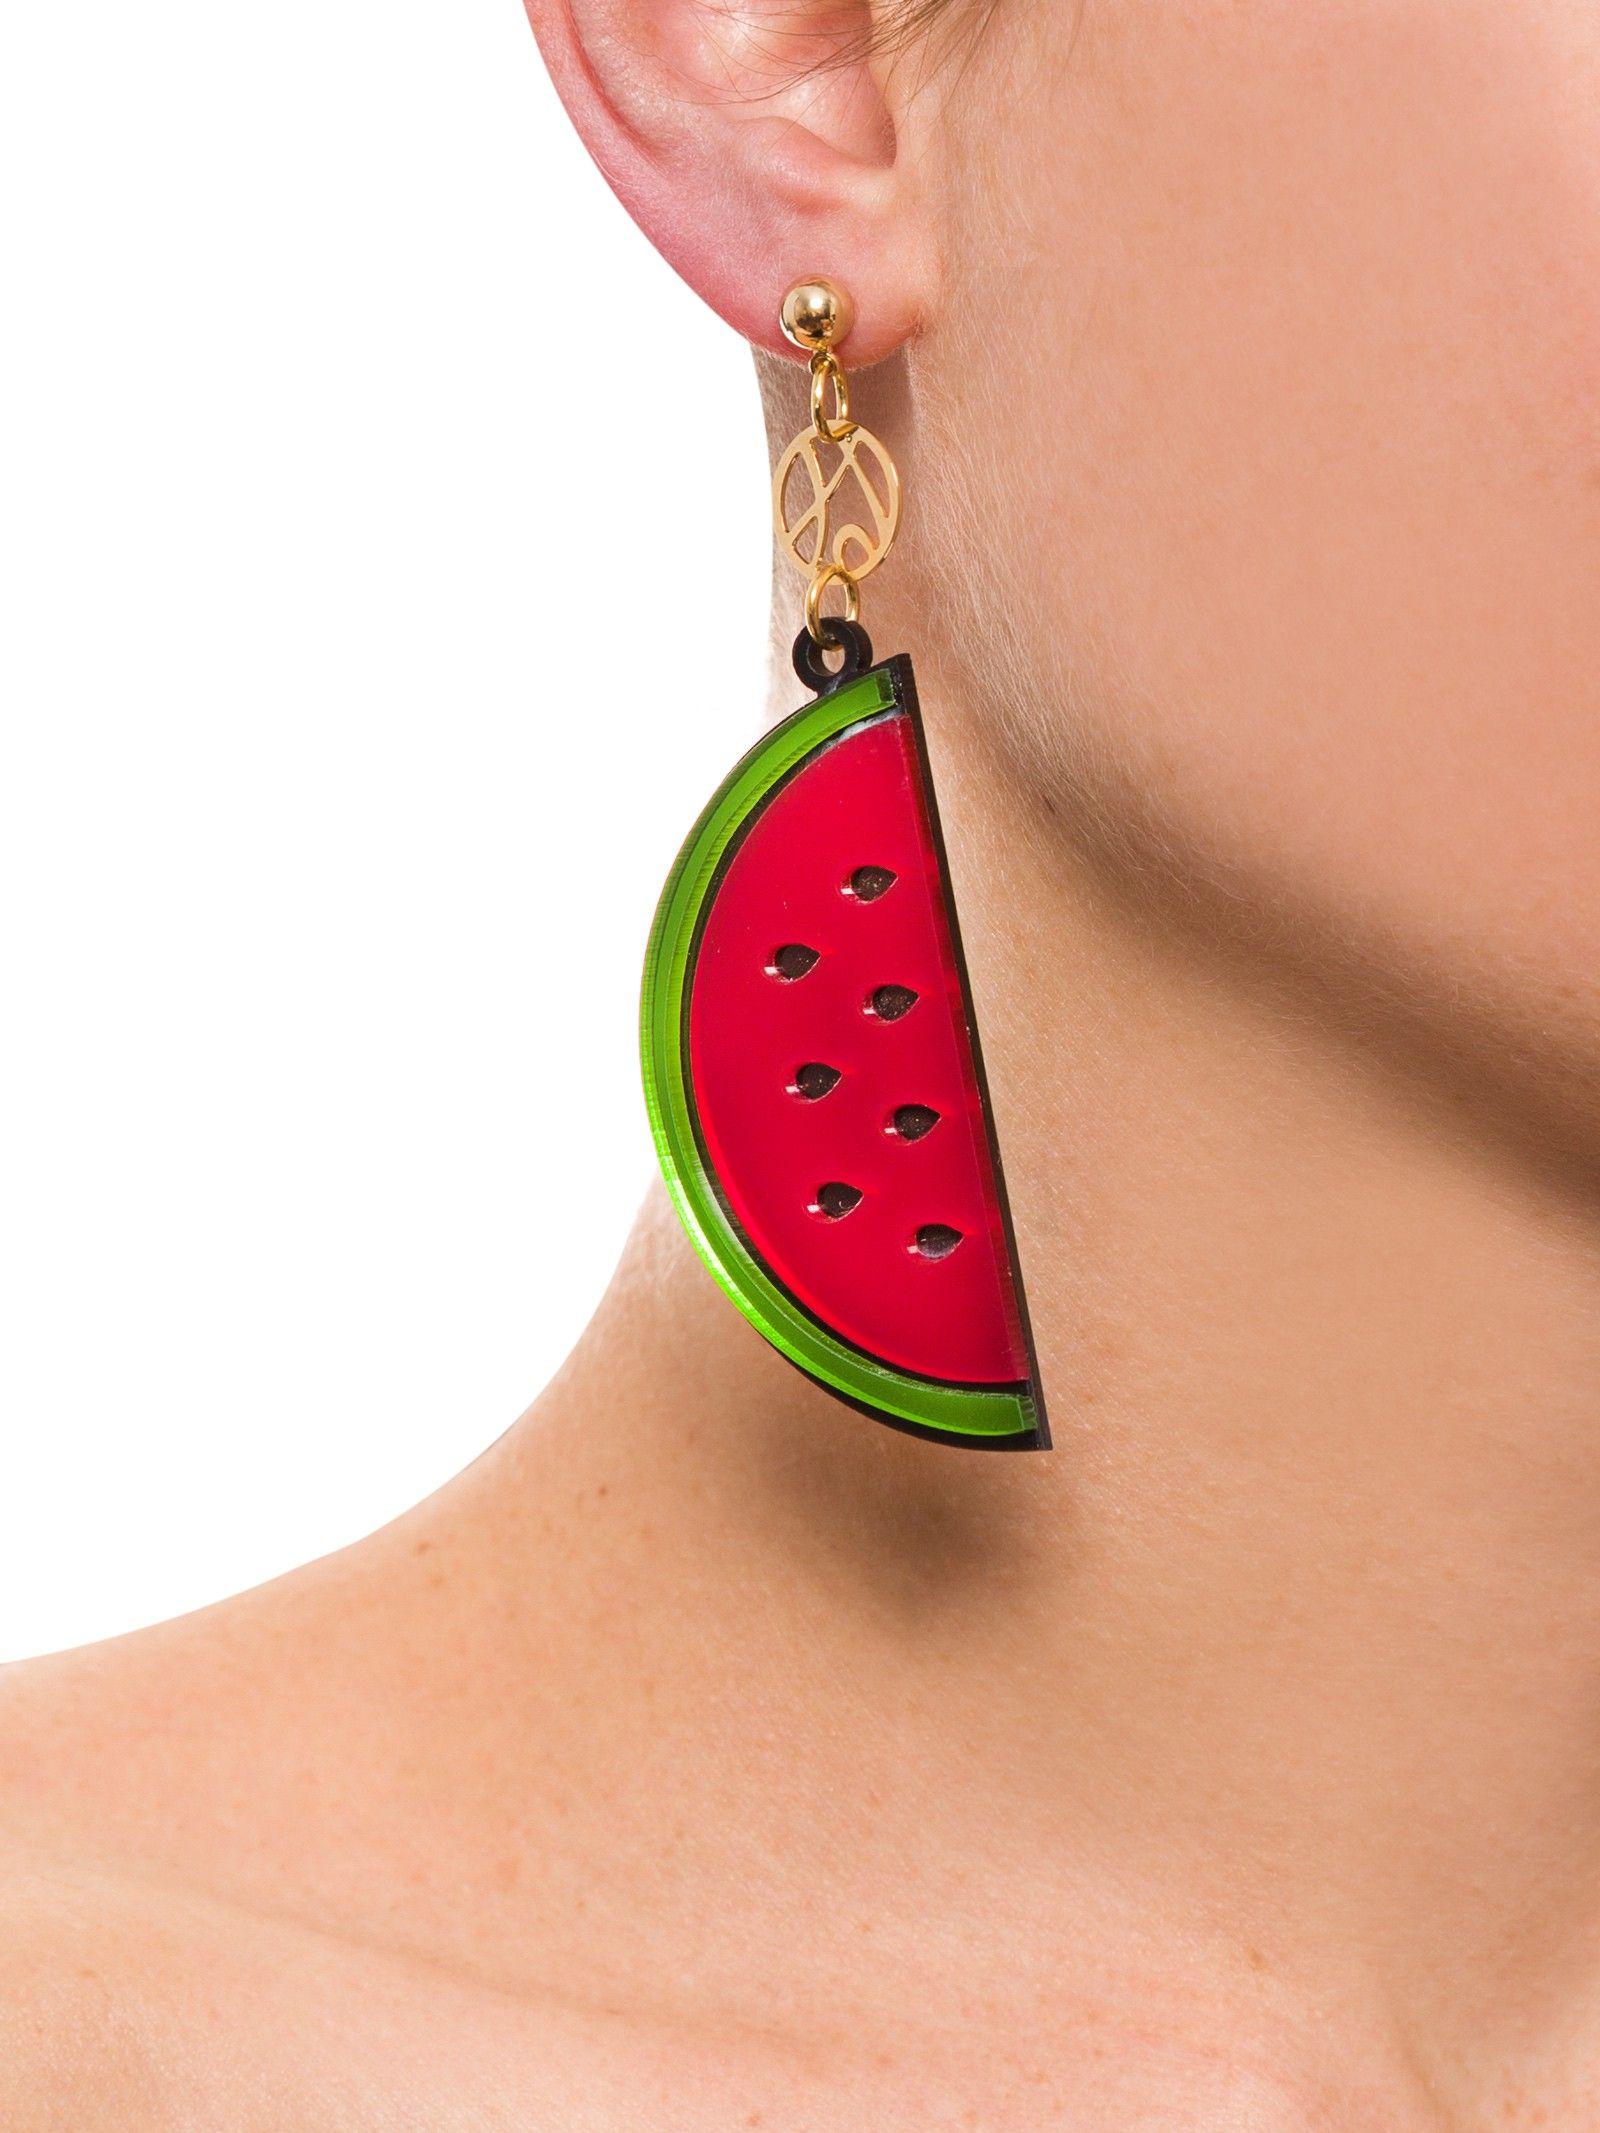 Brinco Carmen Melancia - 2TheBeach - Vermelho e Verde - Shop2gether